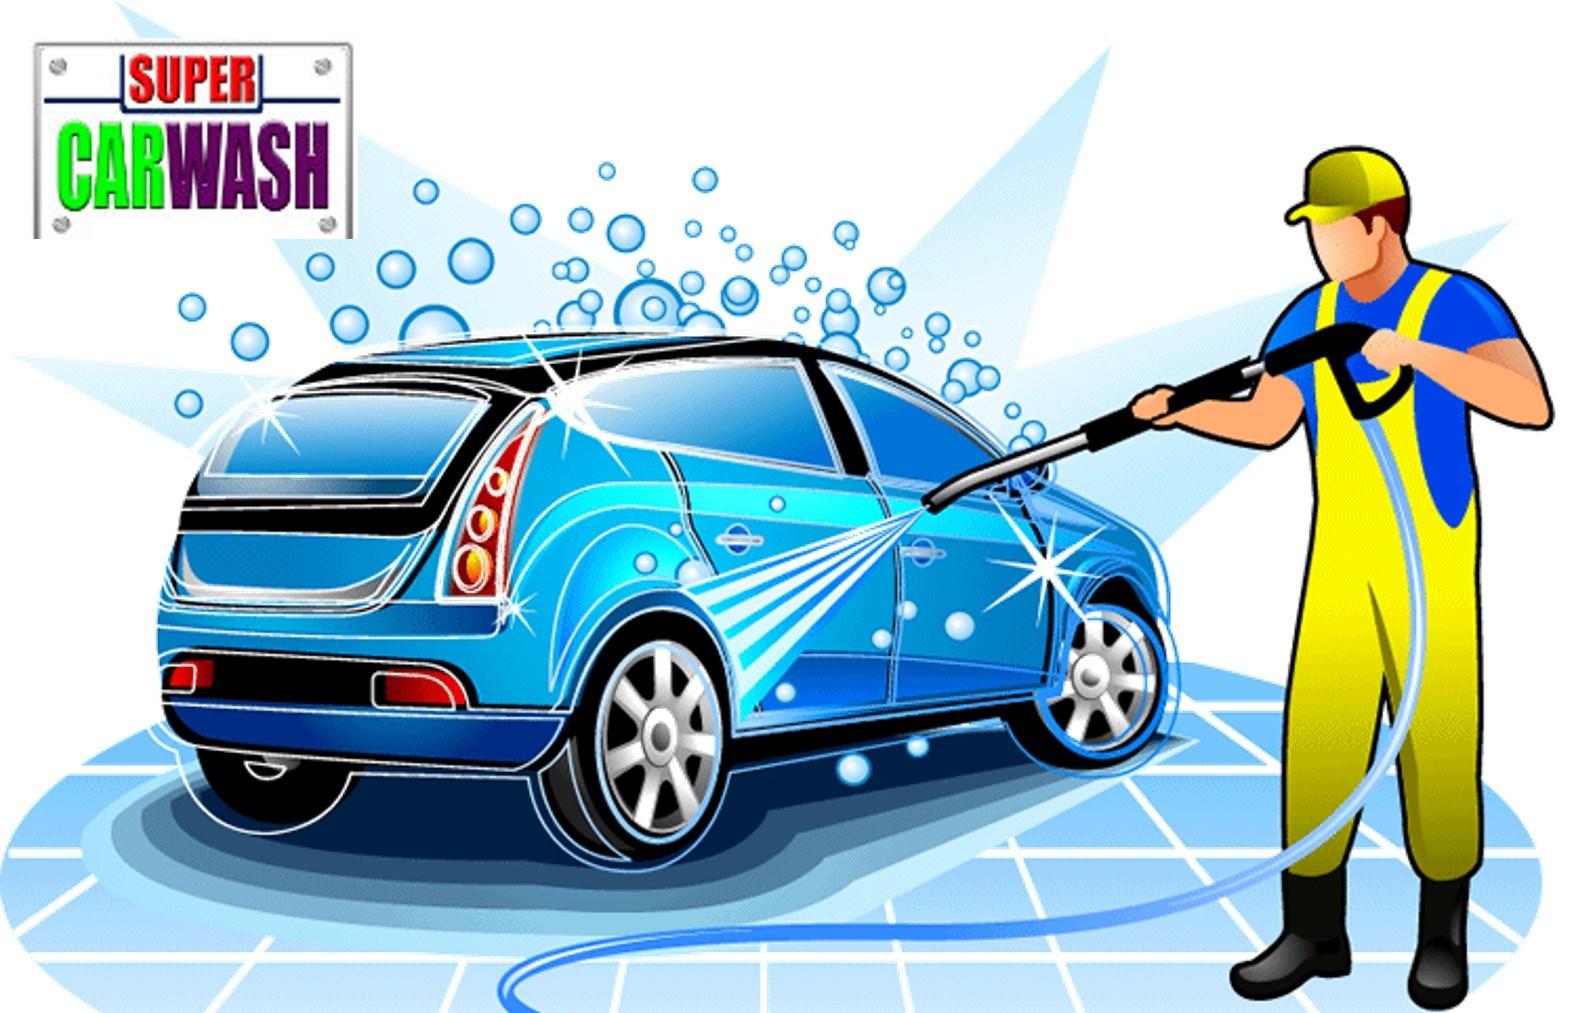 4,50€ από 10€ για πλύσιμο Αυτοκινήτου (μέσα-εξω) & Υγρό Κέρωμα, στο Υψηλής τεχνολογίας πλυντήριο αυτοκινήτων ''Super Car Wash'' στα Βριλήσσια (δίπλα στα Alouette) εικόνα